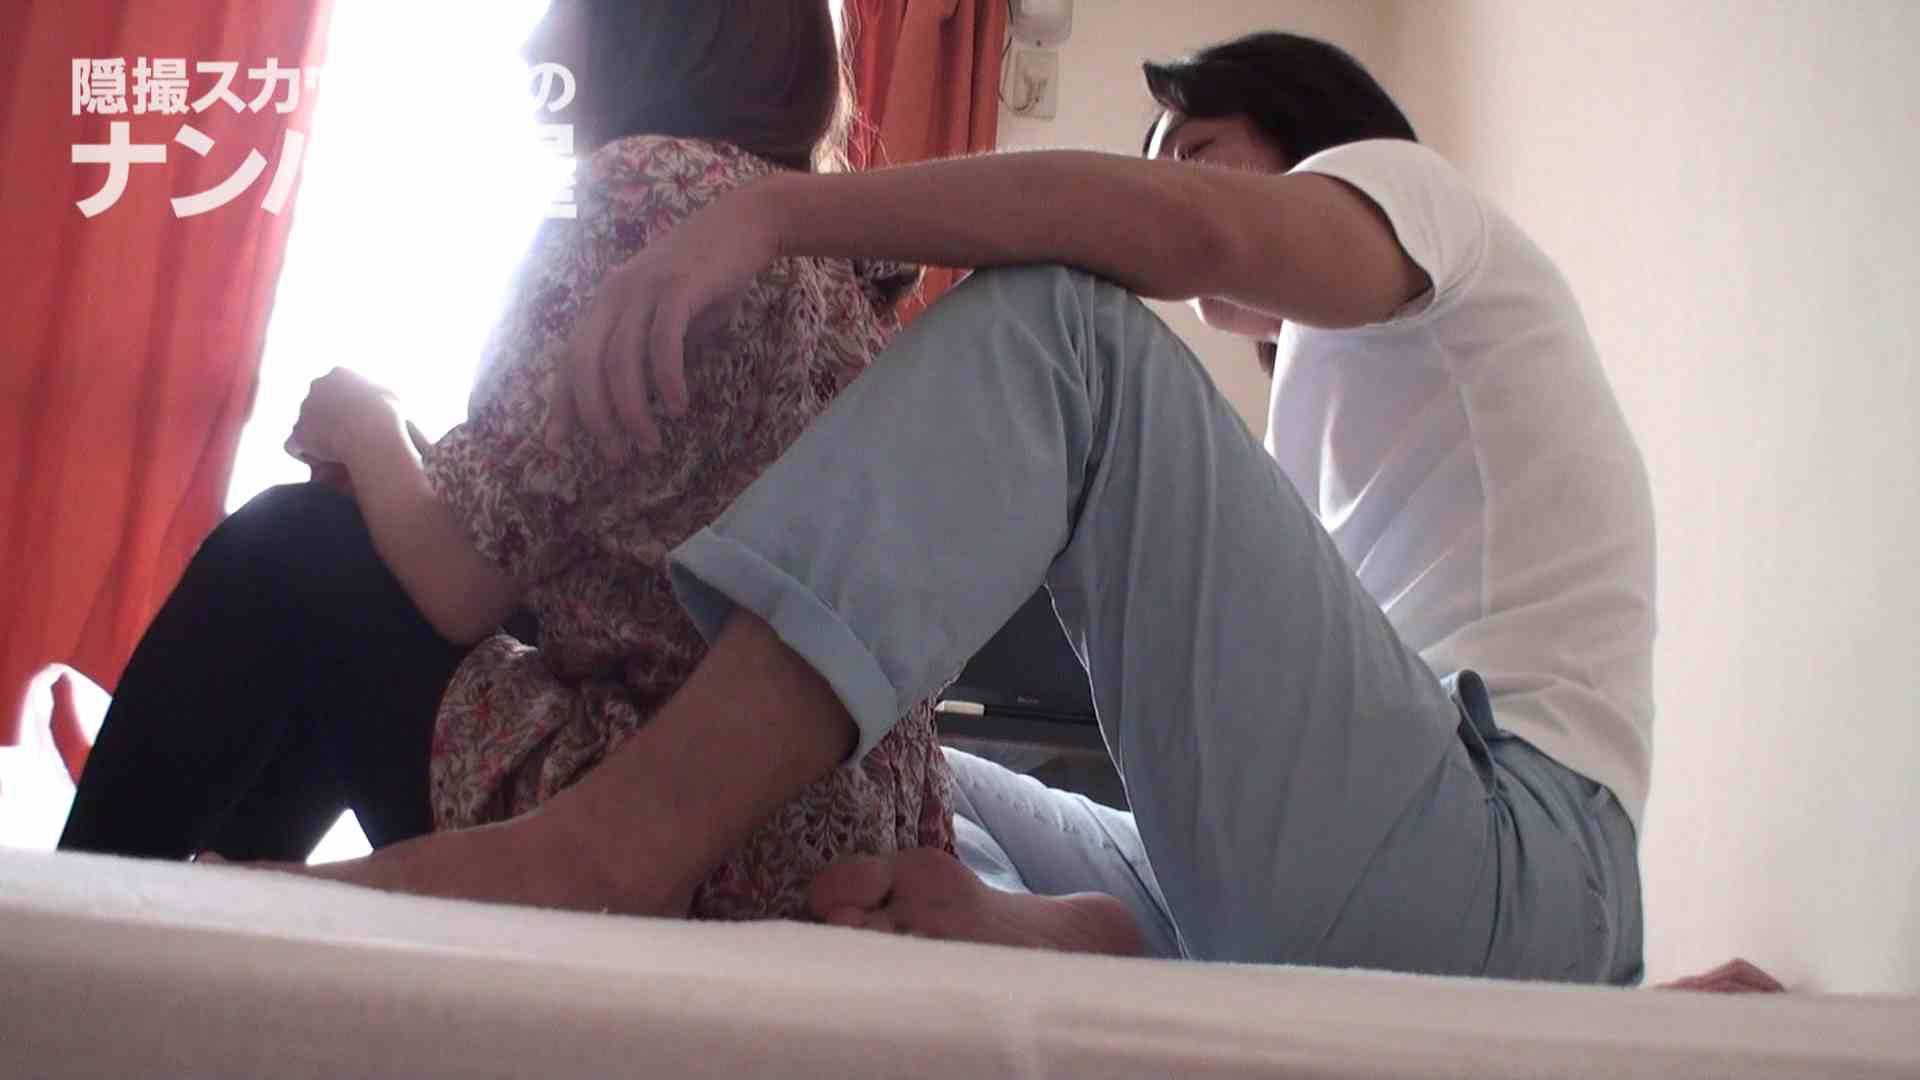 隠撮スカウトマンのナンパ部屋~風俗デビュー前のつまみ食い~ sii 脱衣所 | ナンパ  90連発 19